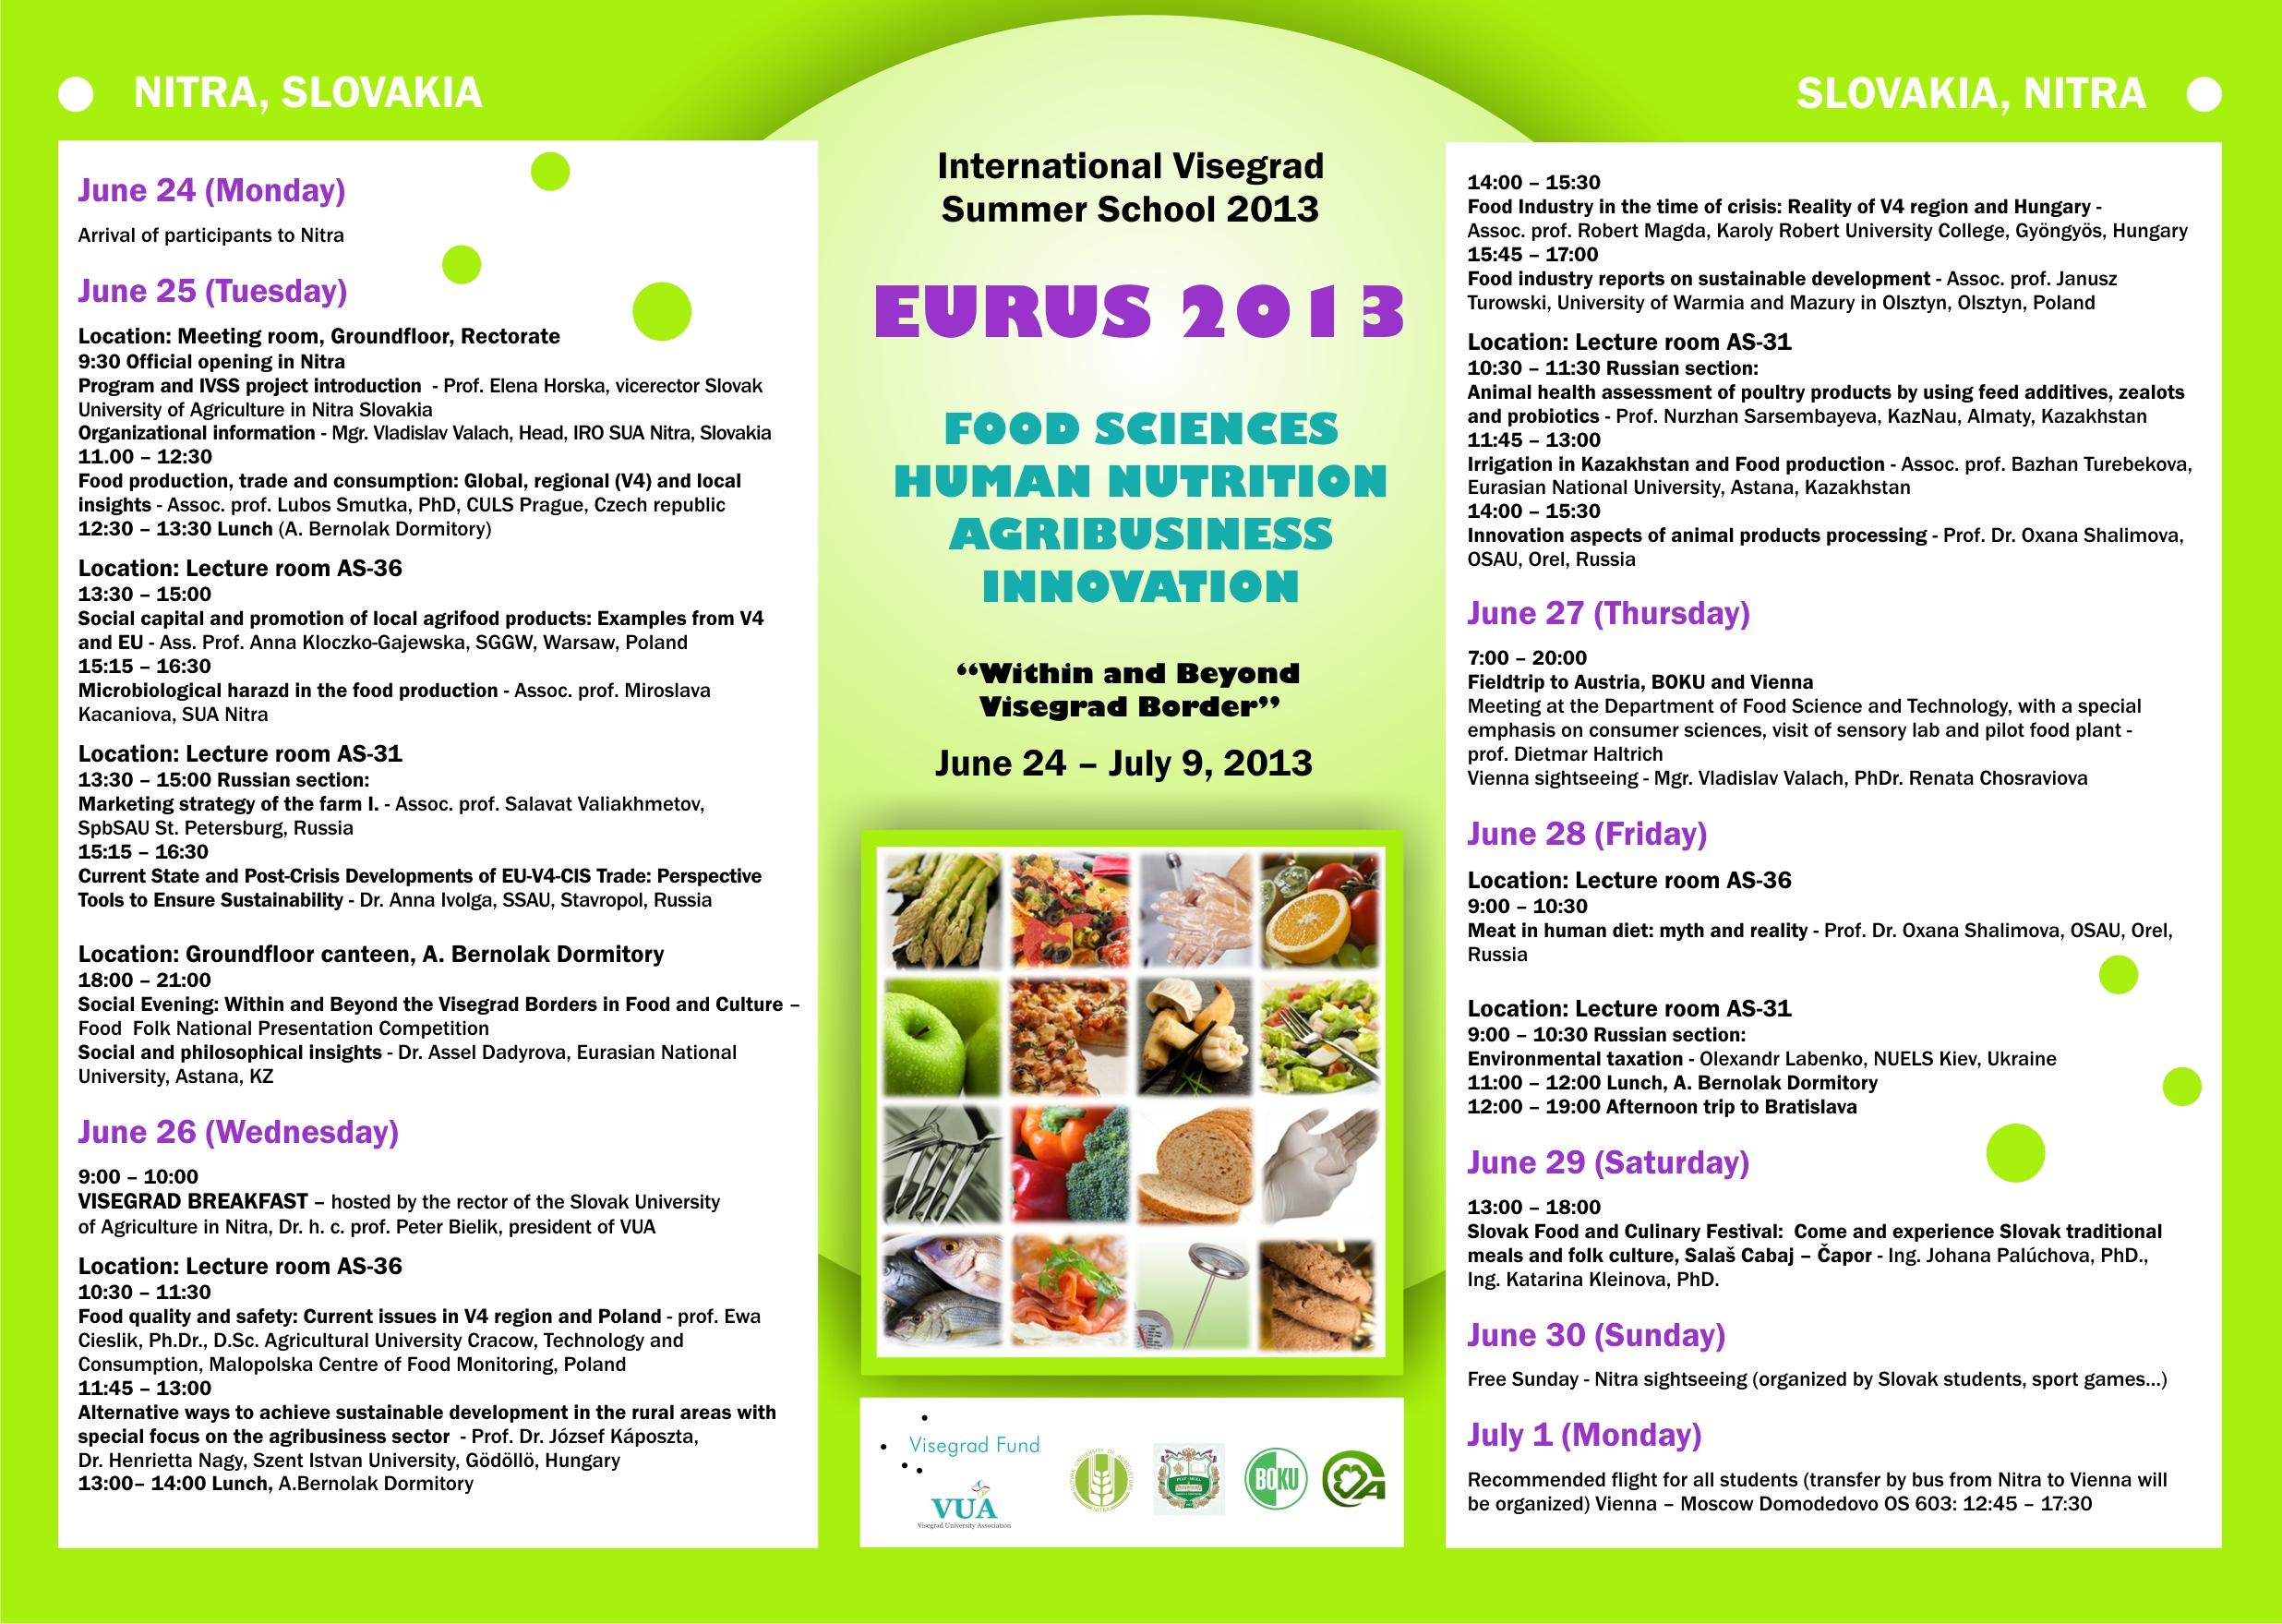 Visegrad Summer School: EURUS AGRI